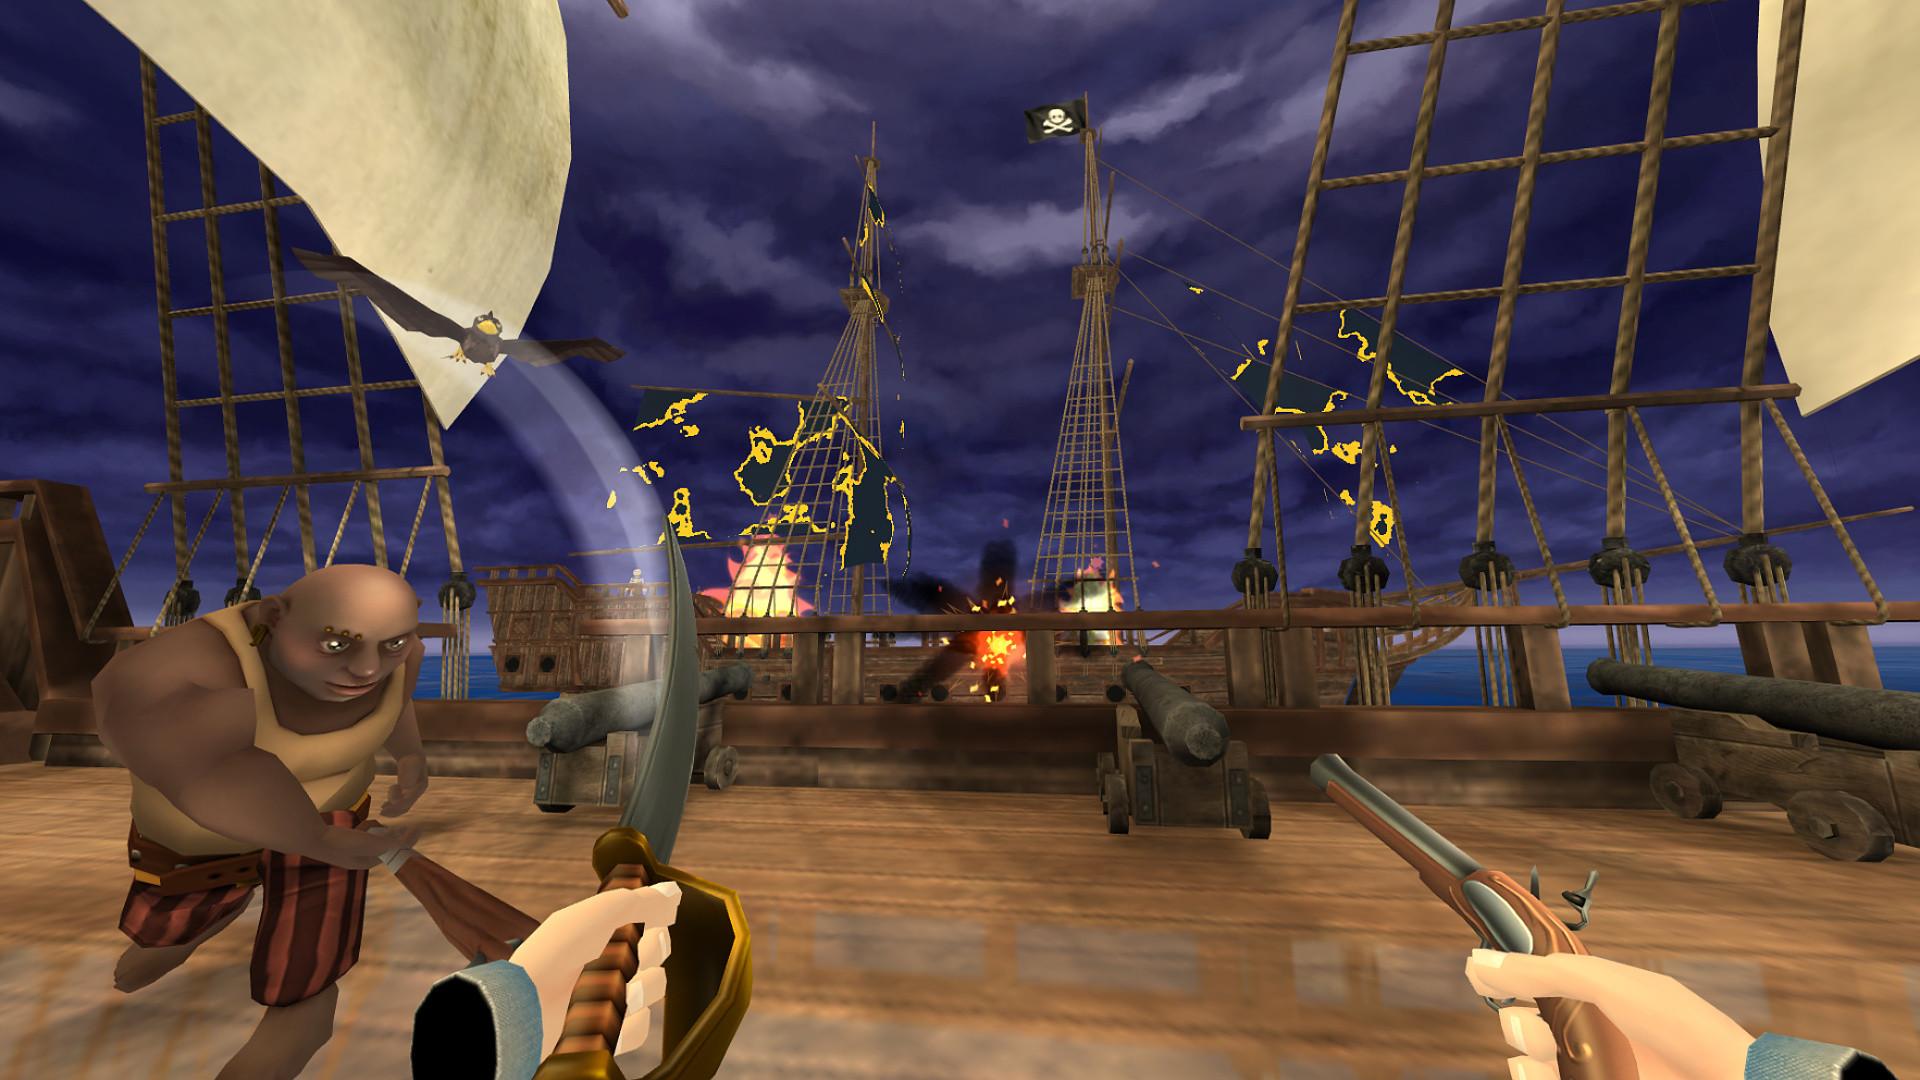 Oculus Quest 游戏《Pirates on Deck VR》甲板上的海盗插图(3)